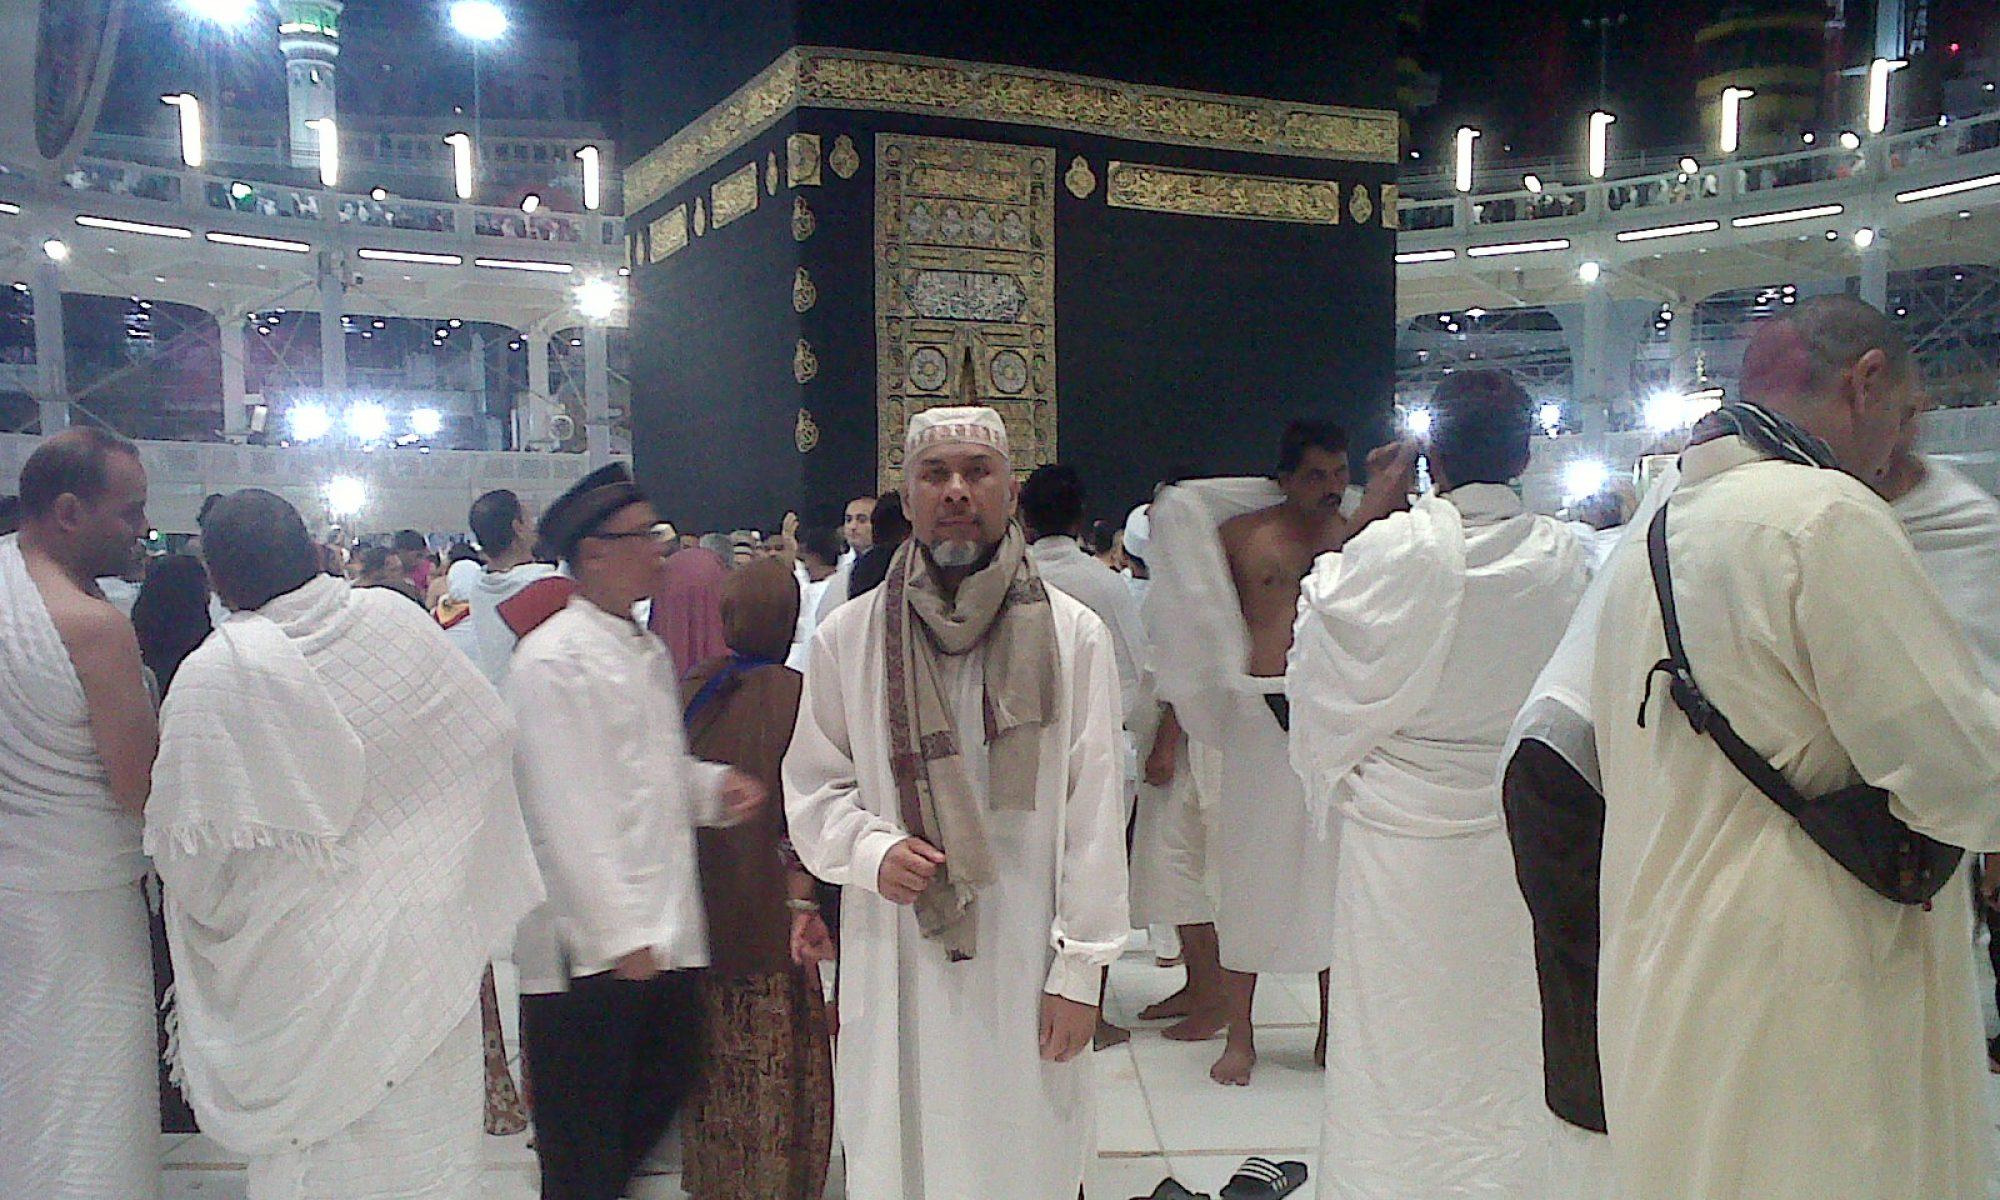 Berita Umroh Haji | UmrohHajiNews.com